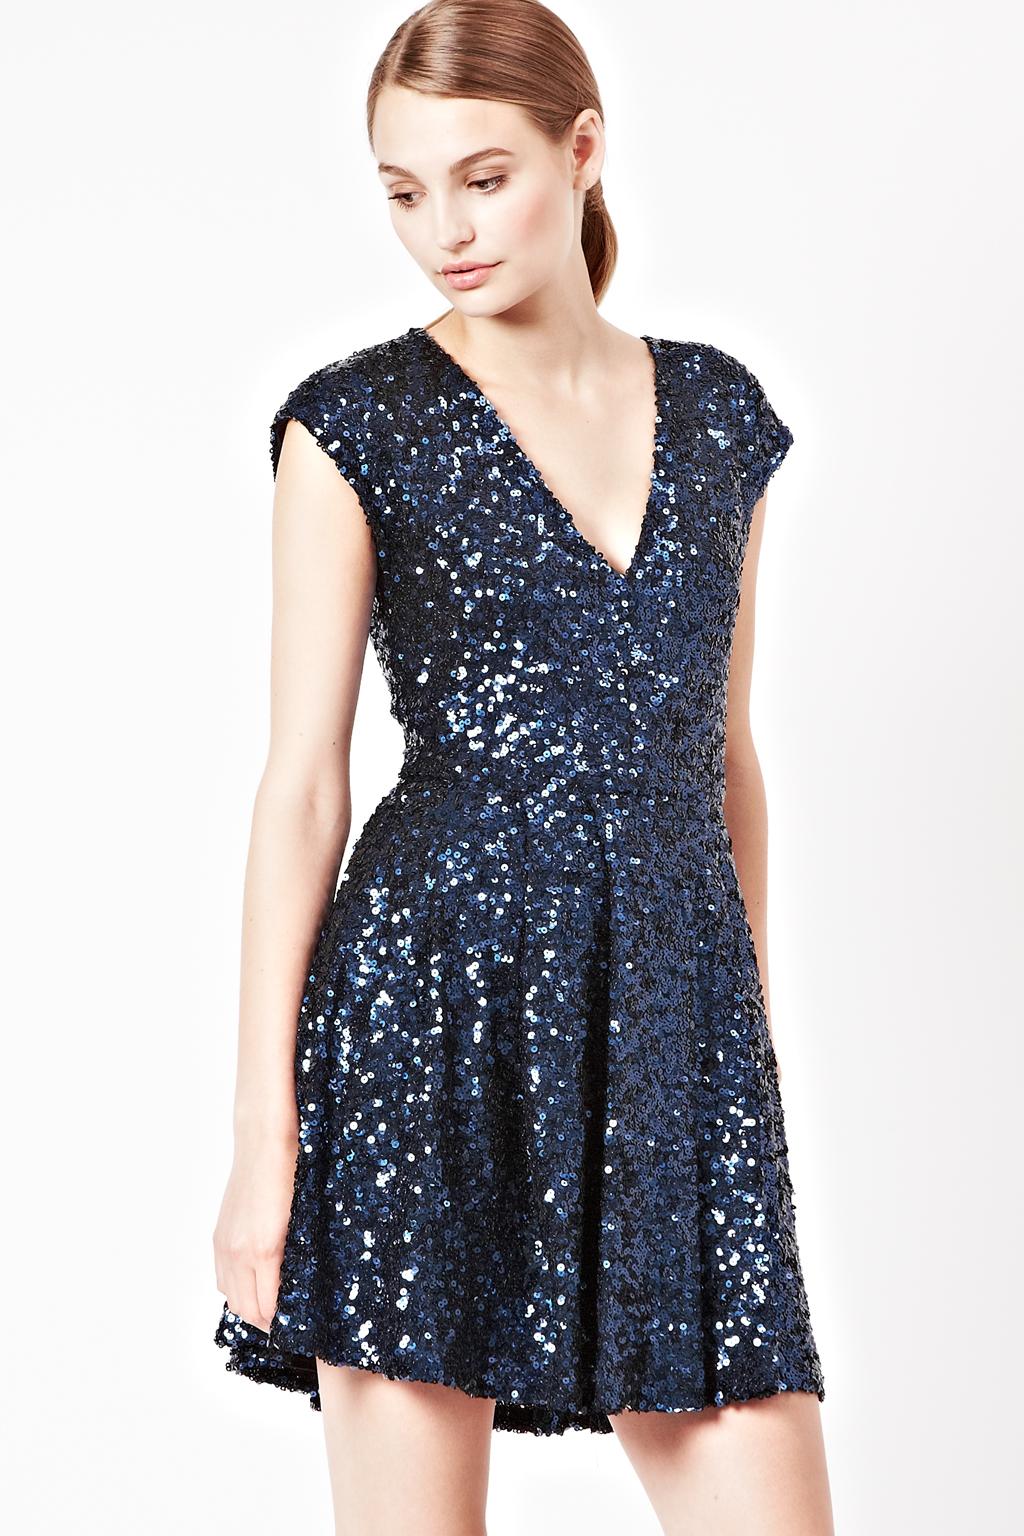 Blue Sequin Dresses